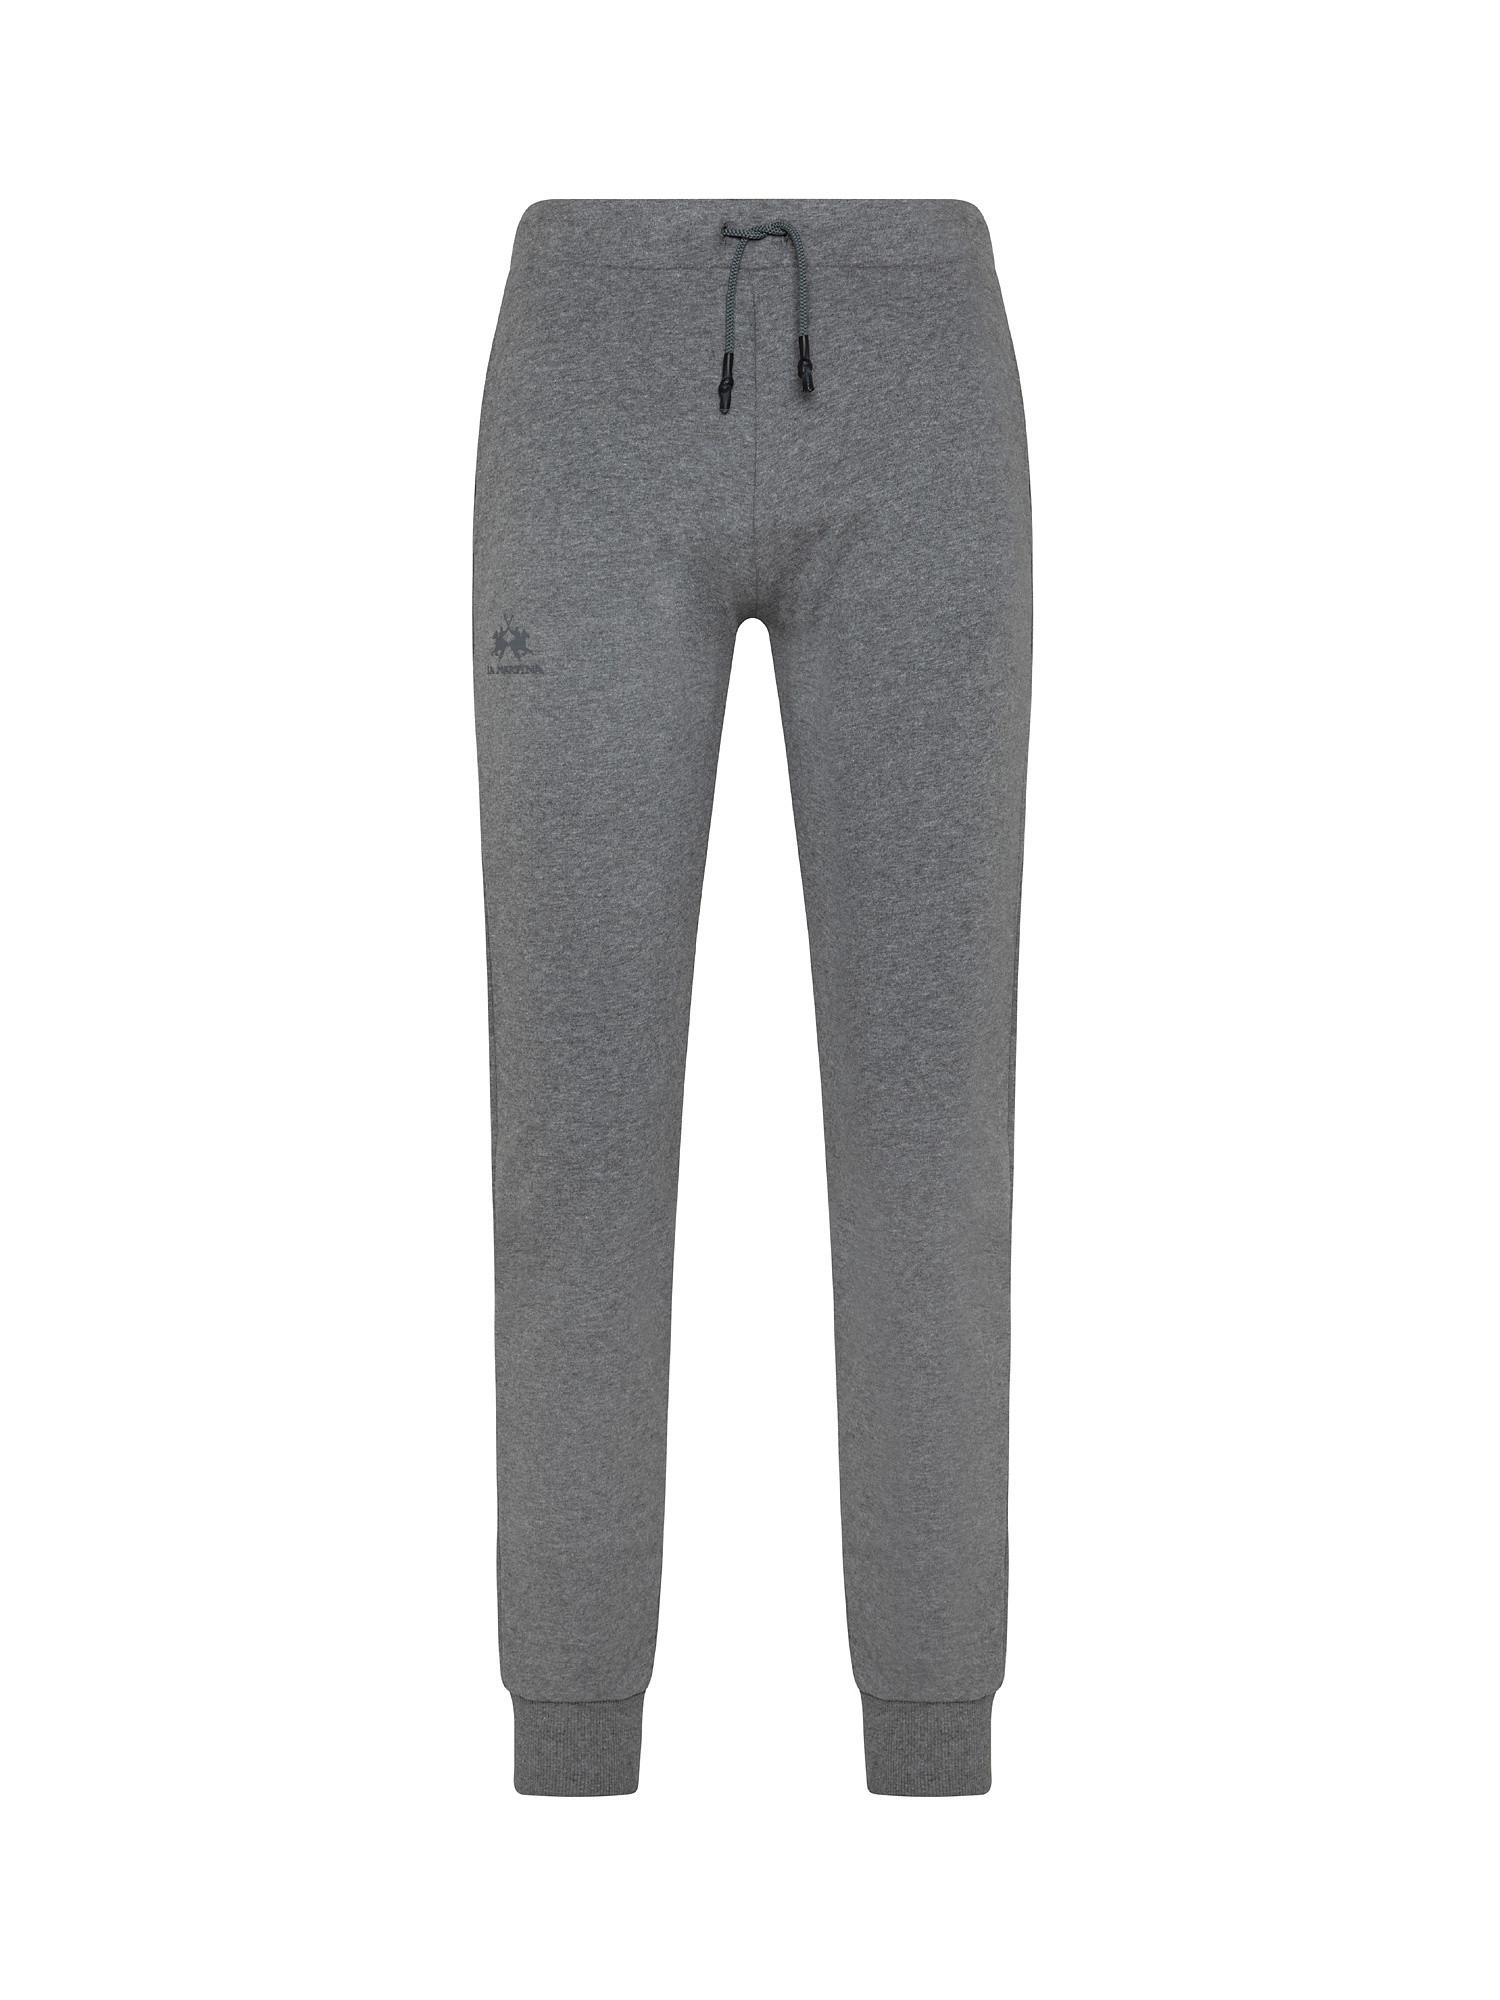 Pantalone da uomo regular fit, Grigio, large image number 0